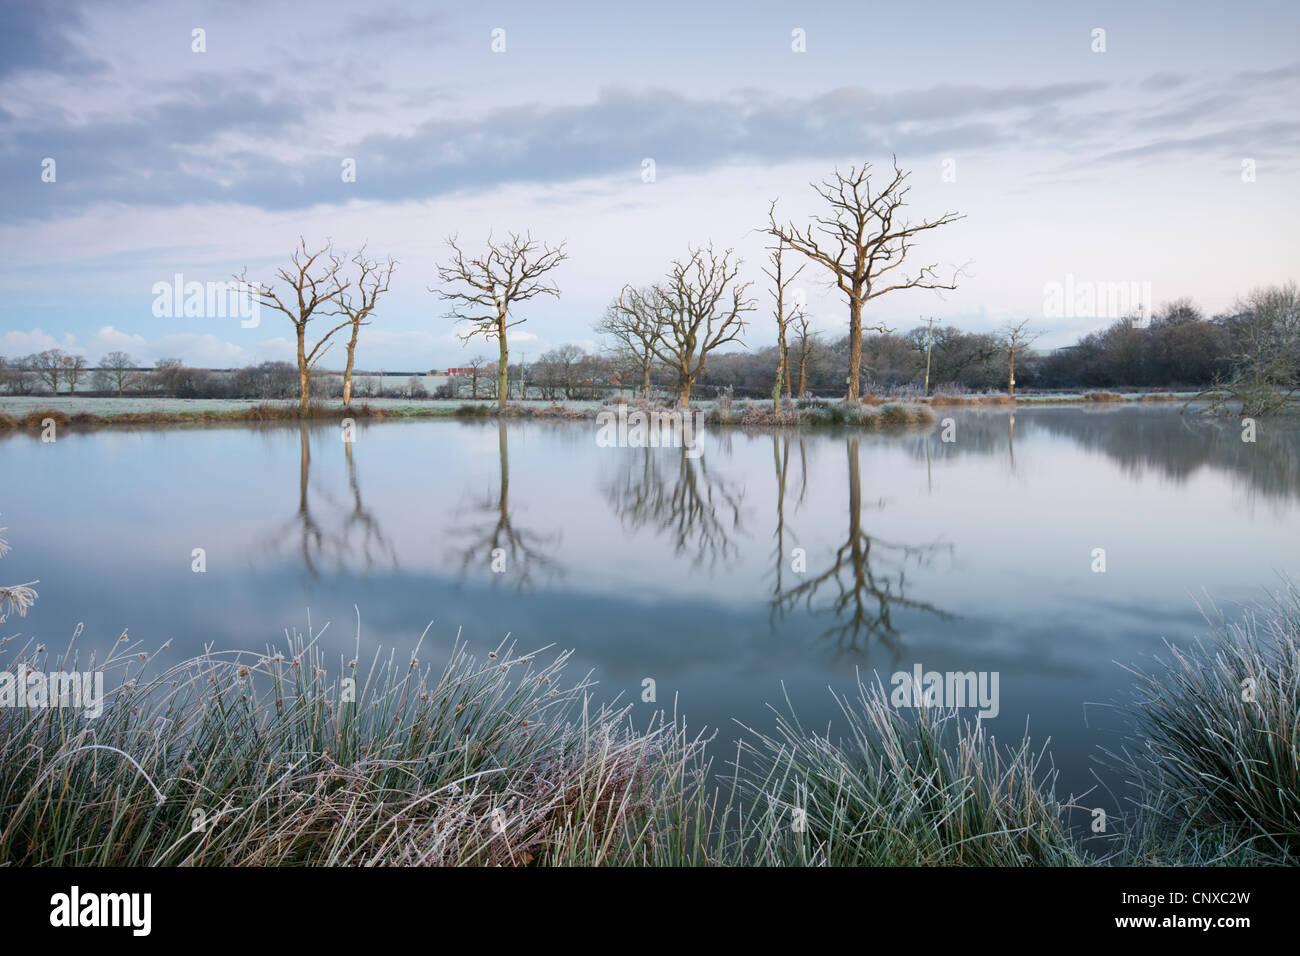 Des scènes d'hiver glacial à côté d'un lac, toujours Morchard Road, Devon, Angleterre. Photo Stock